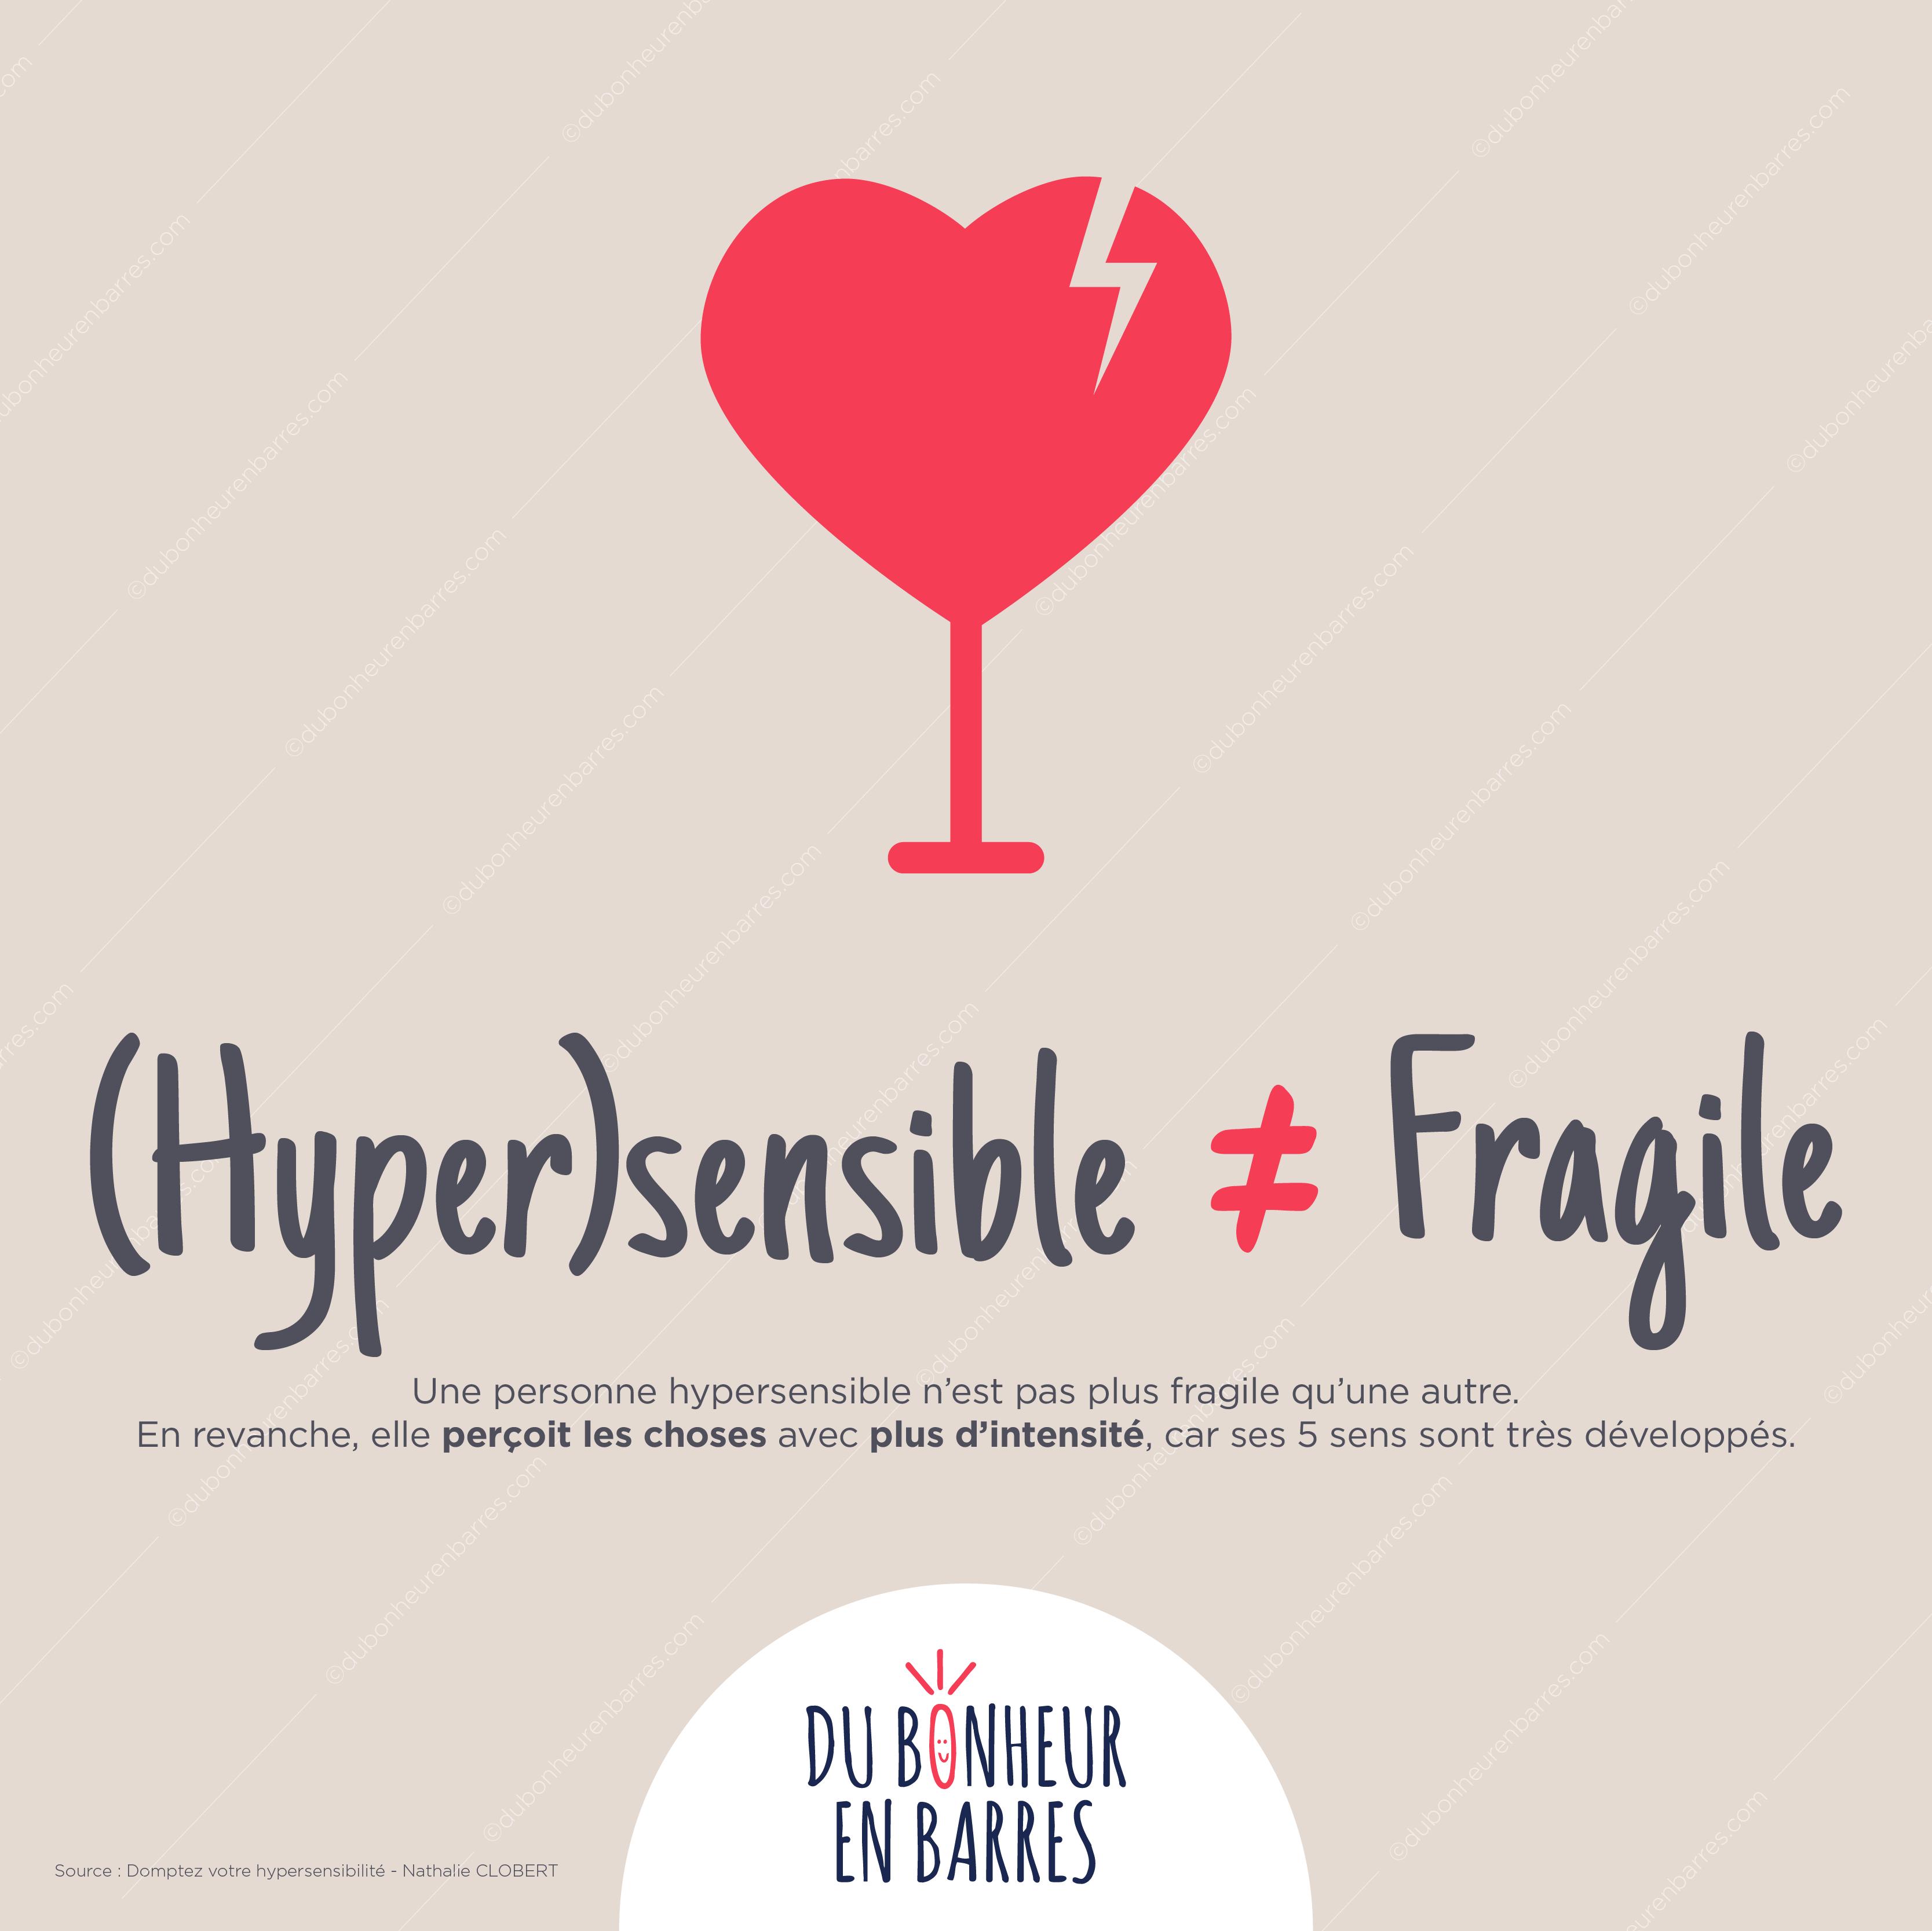 Hypersensible ne veut pas dire fragile